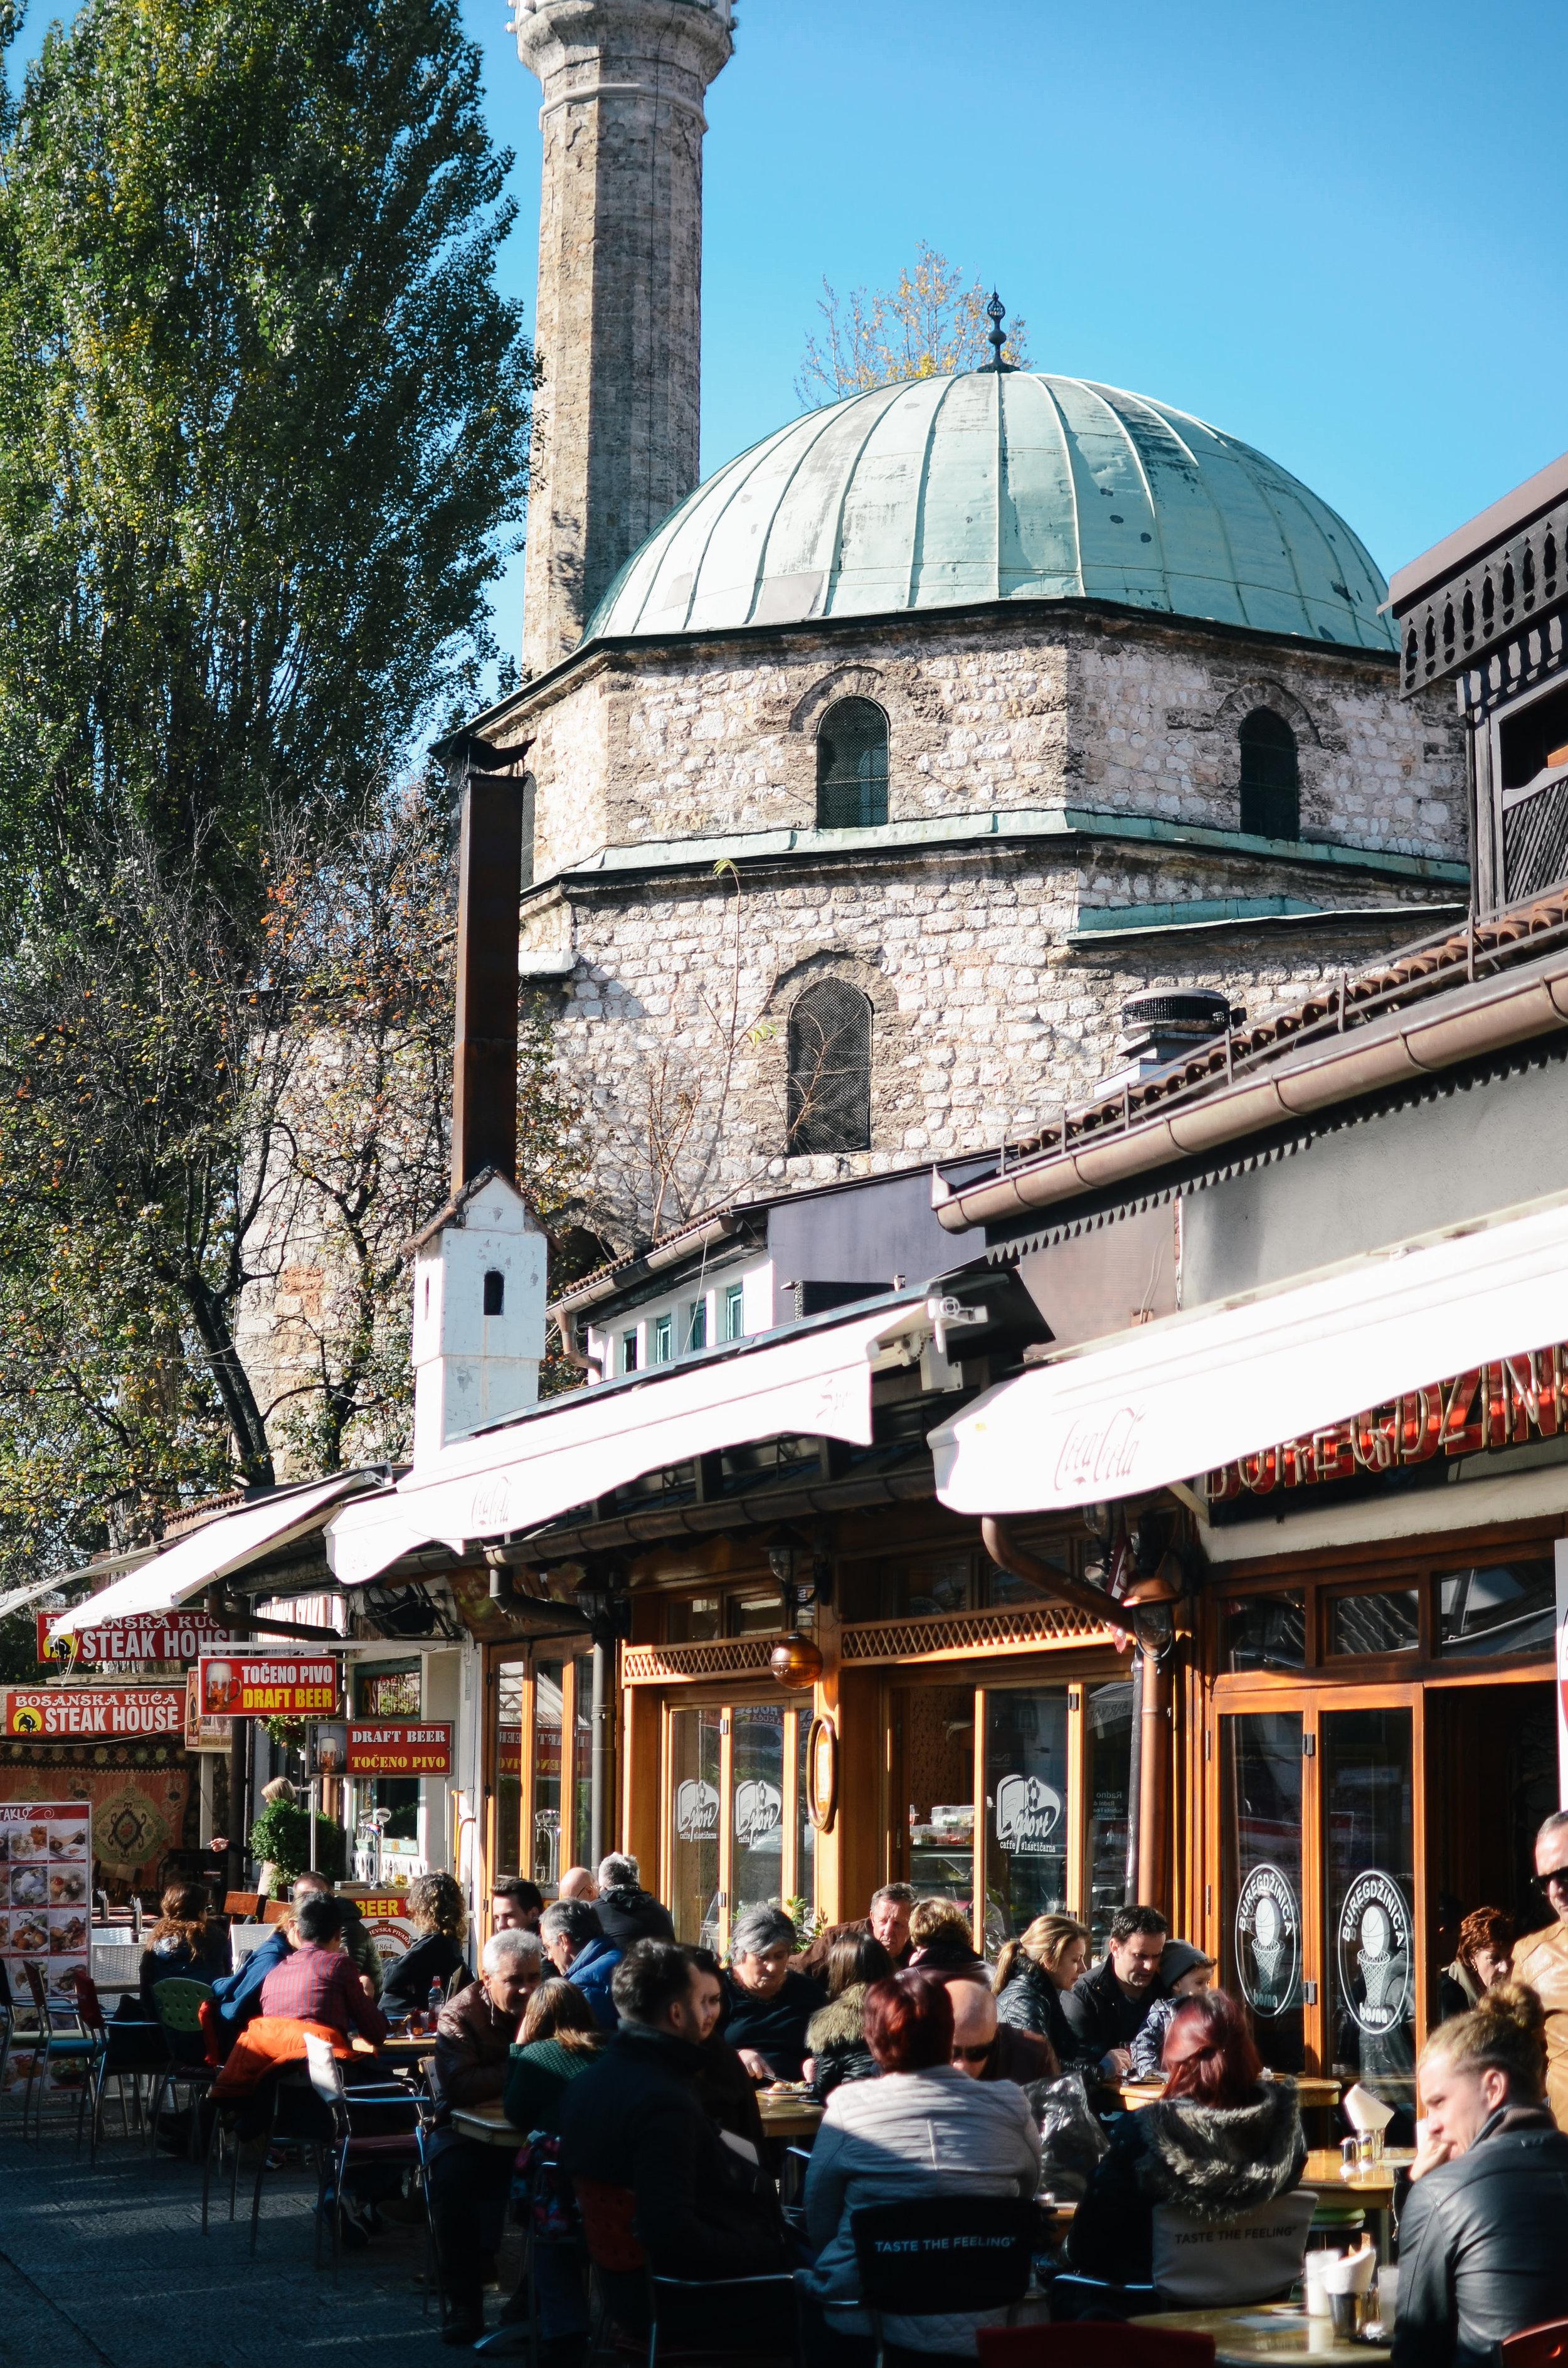 bosnia-travel-sarajevo-guide-lifeonpine_DSC_2701.jpg